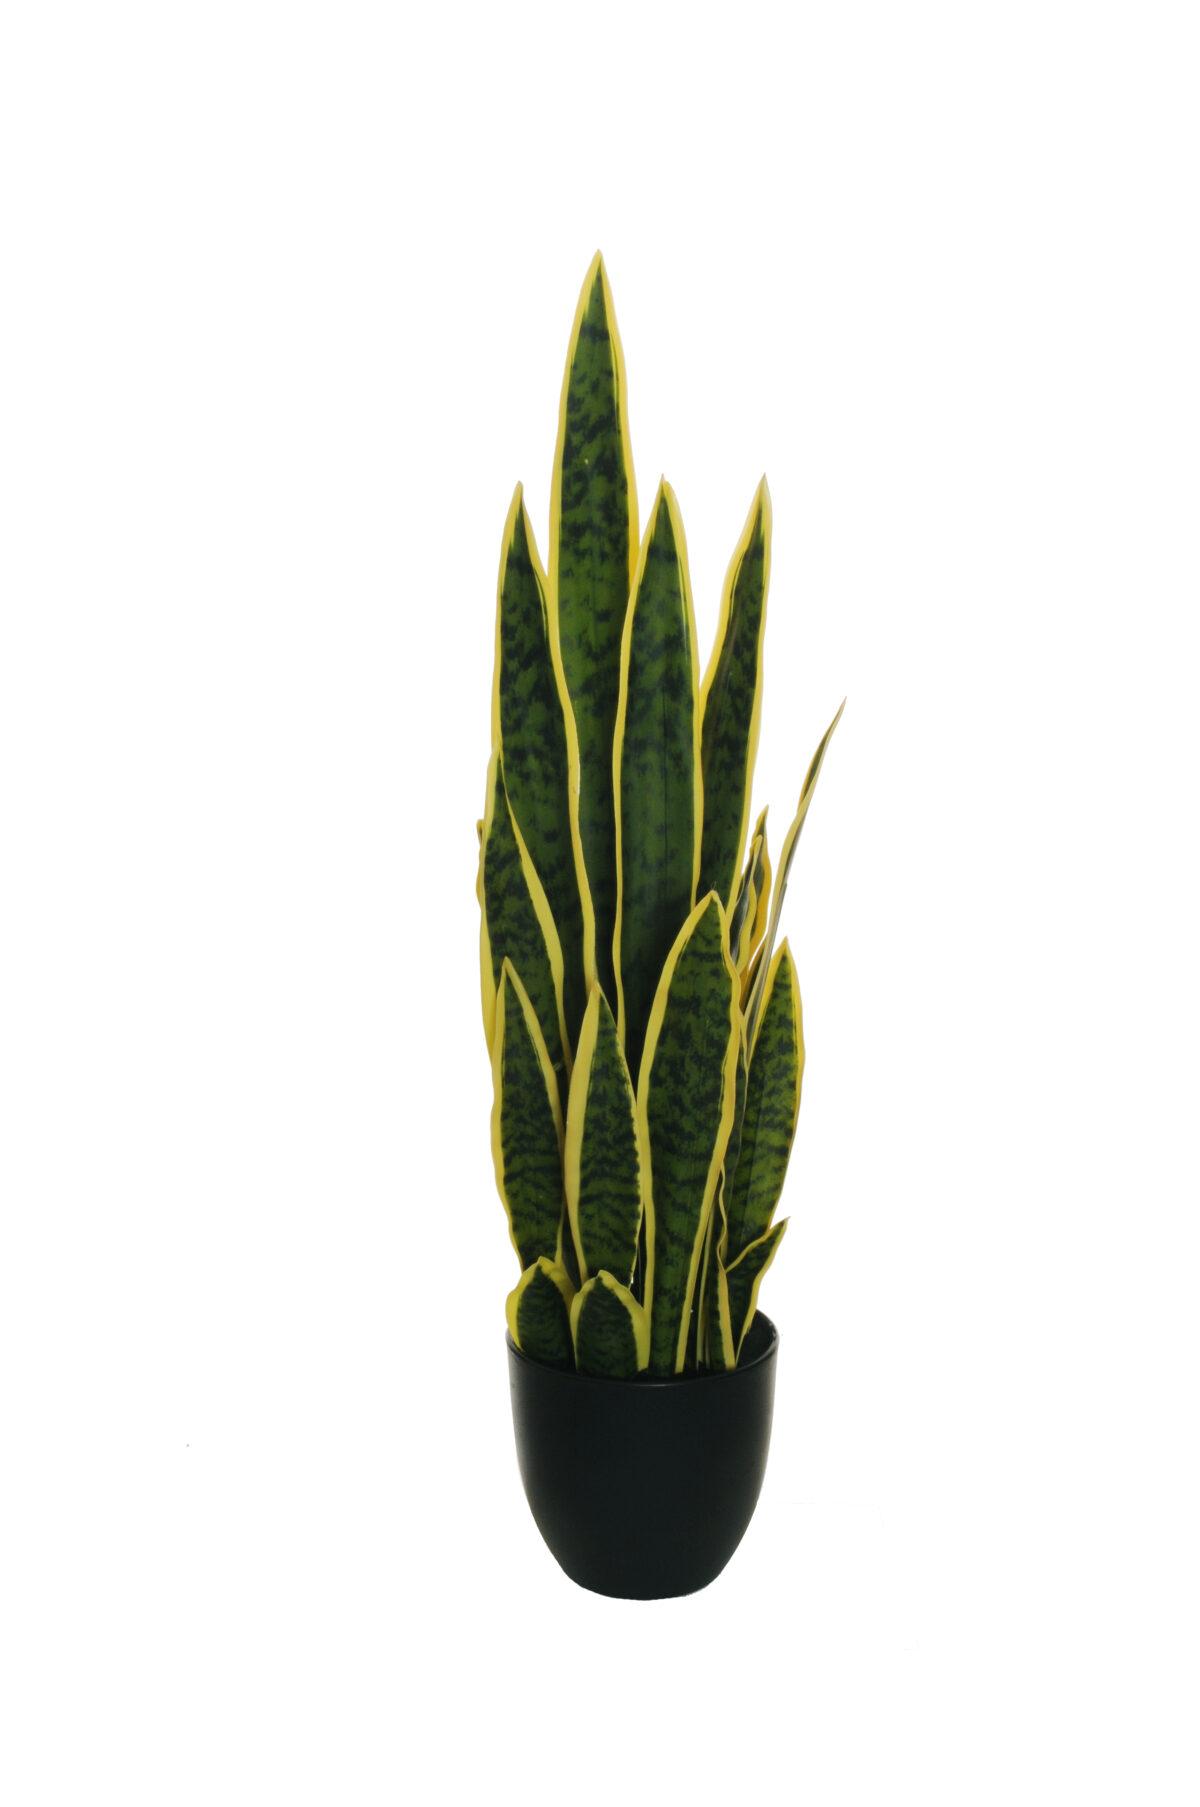 """Pianta artificiale Sanseveria Dracena o """"lingua di suocera"""" foglie verdi e gialle in vaso nero di plastica rigida h. 70 cm"""